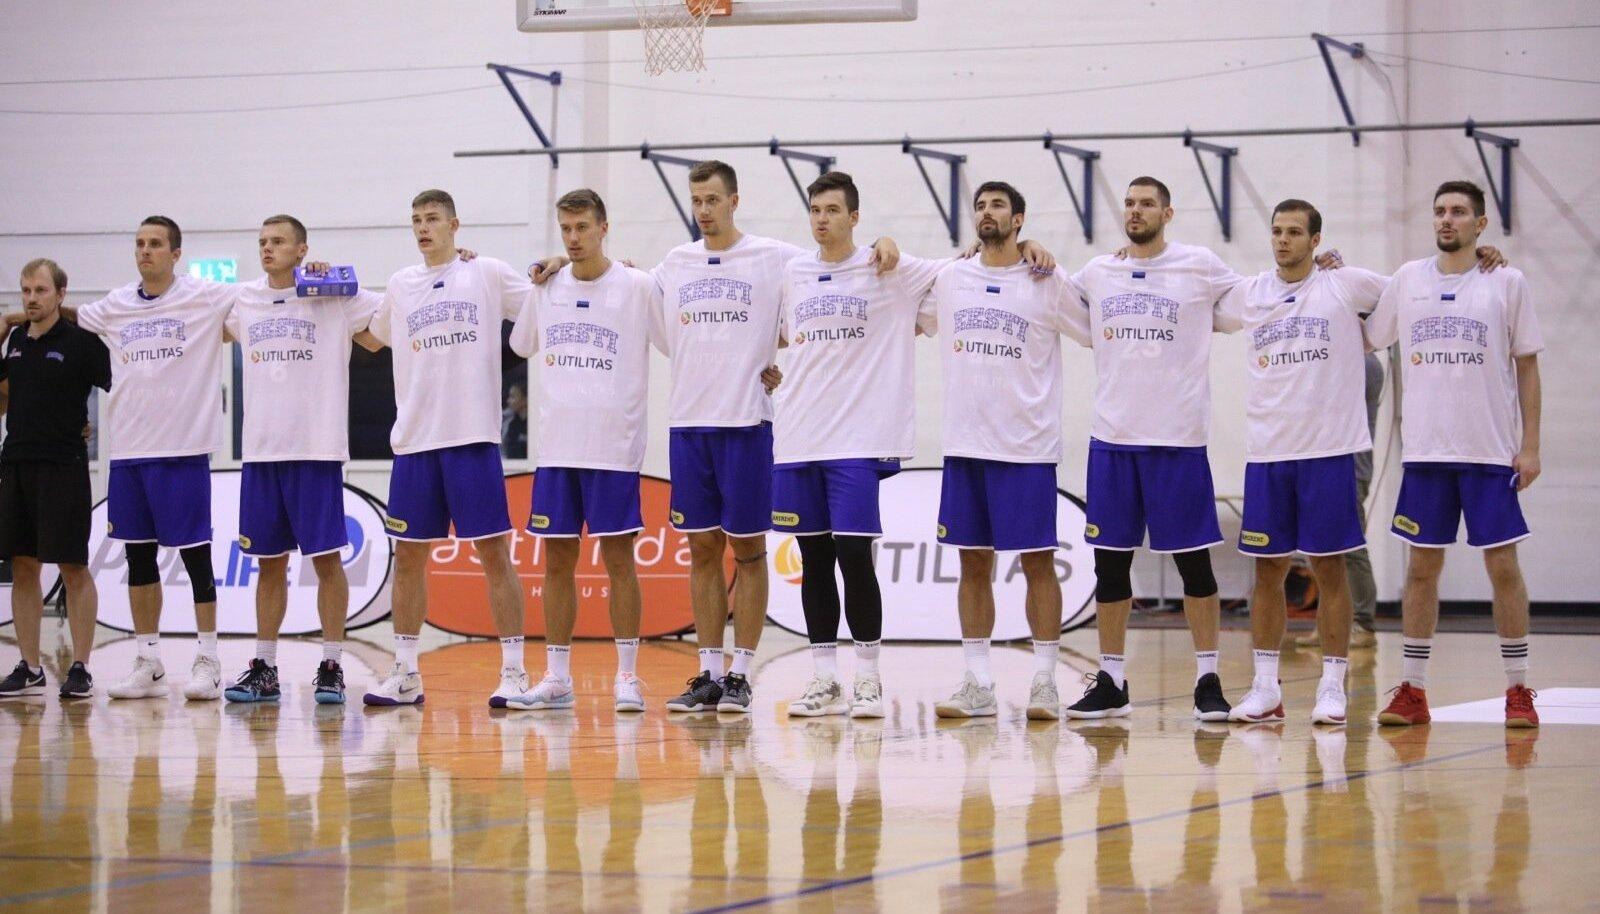 Eesti korvpallikoondis. Tublid mehed, aga kvaliteet jääb kesiseks.